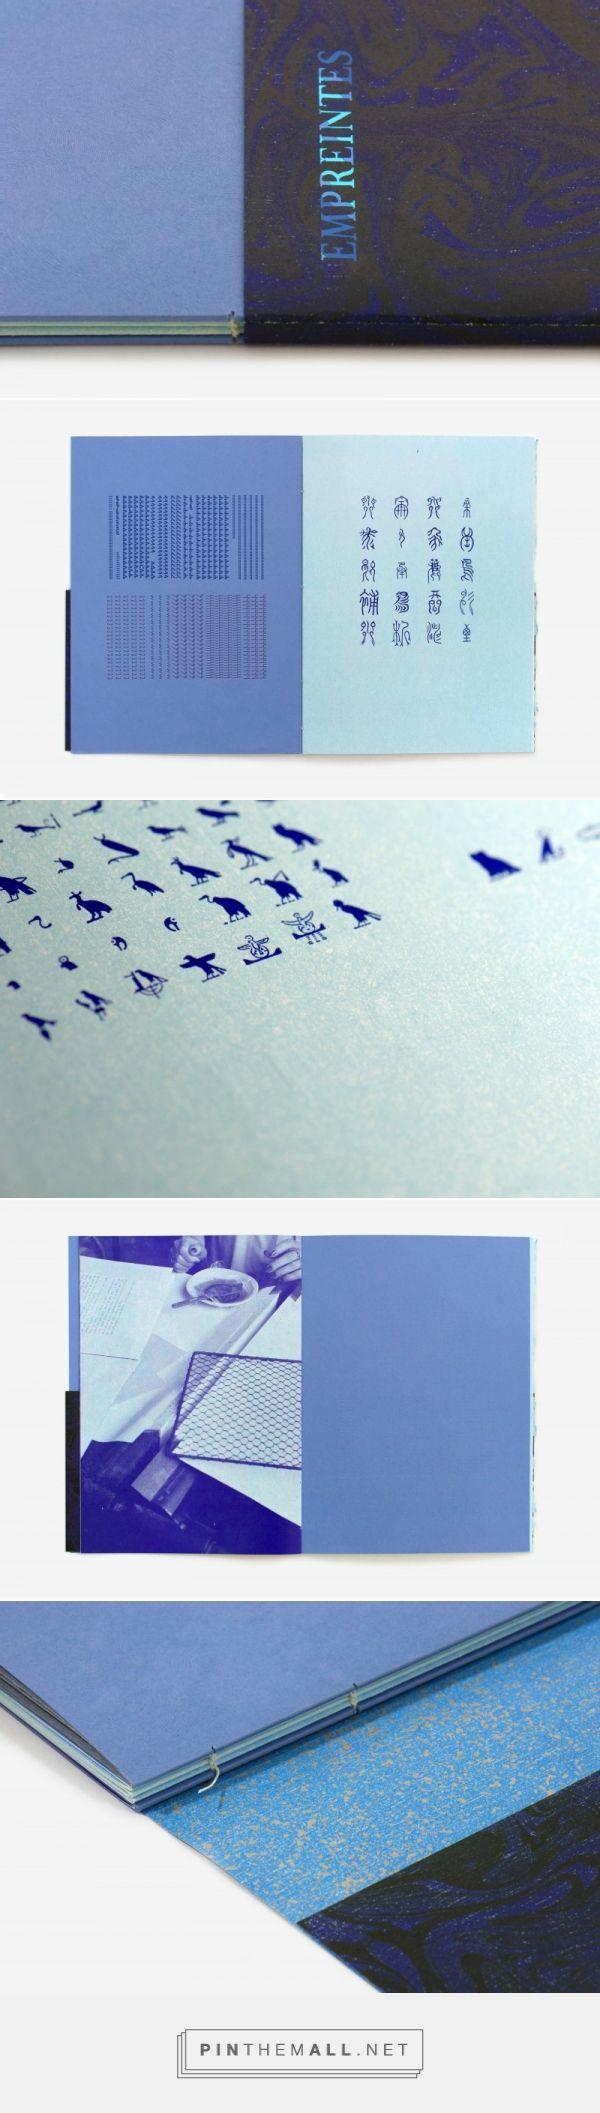 """Empreintes - """"présentation d'un choix de caractères non latins de l'Imprimerie Nationale, à la manière d'un tour du monde typographique [...] Les papiers utilisés sont des résidus disparates de l'impression d'ouvrages bibliophiliques. Ces papiers ont été surimprimés d'une teinte bleu ciel avec la presse typographique"""" - Fanette Mellier (France)"""